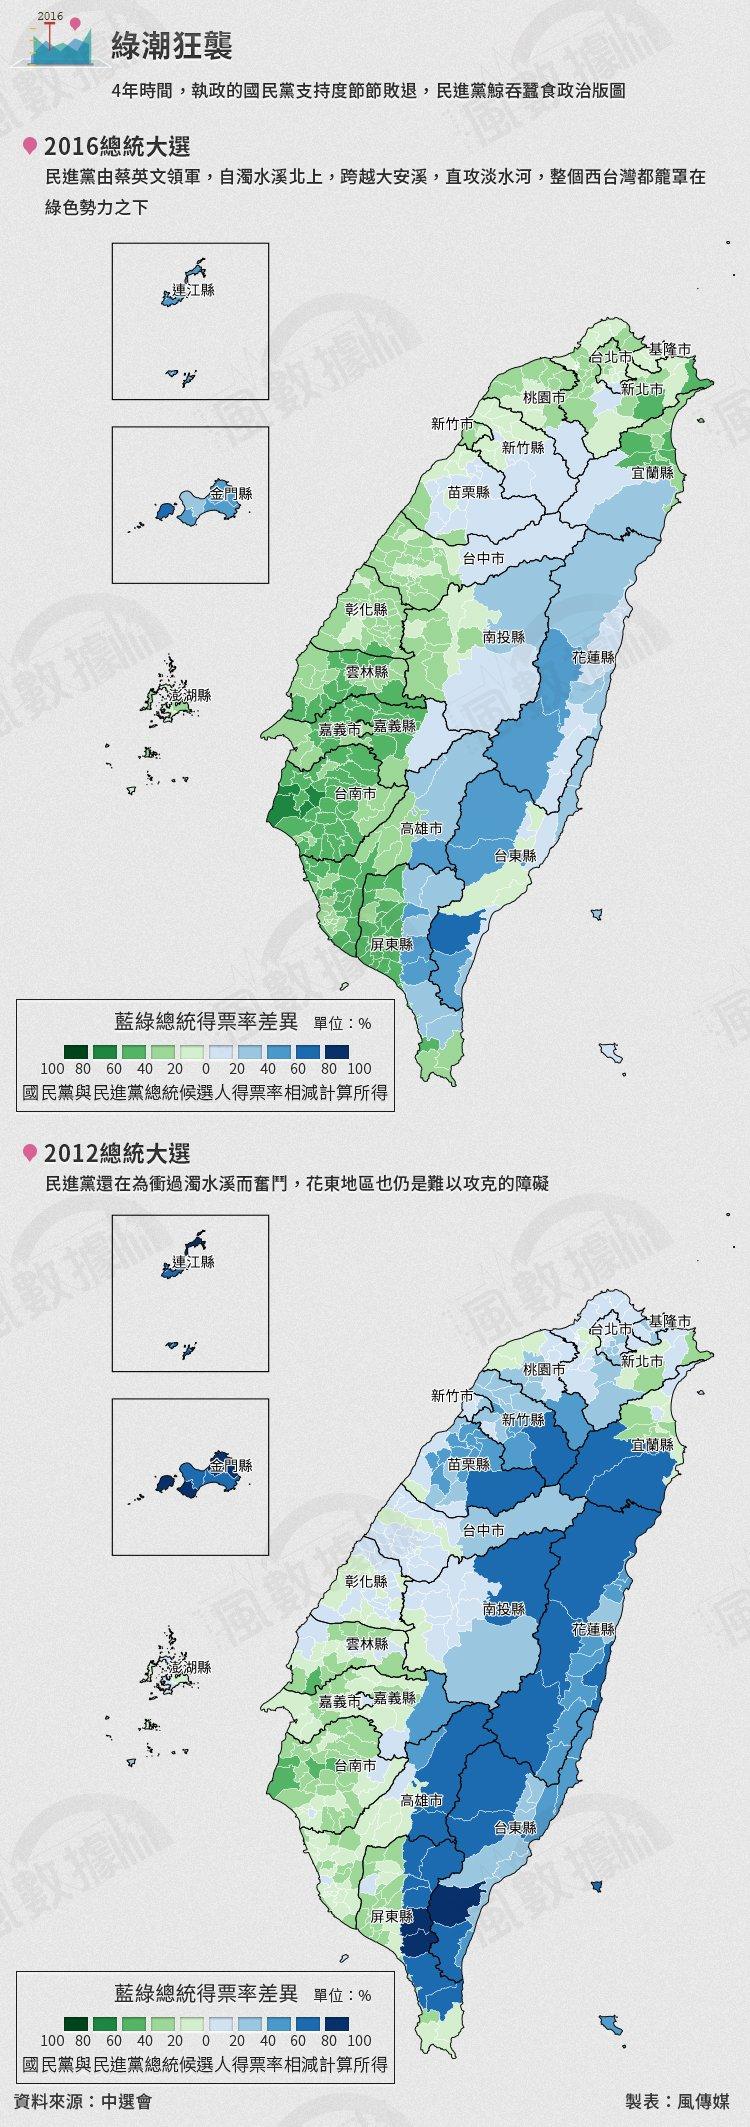 20160116-SMG0034-S01a-02-風數據/2016總統立委選舉,綠潮狂襲(切割圖)